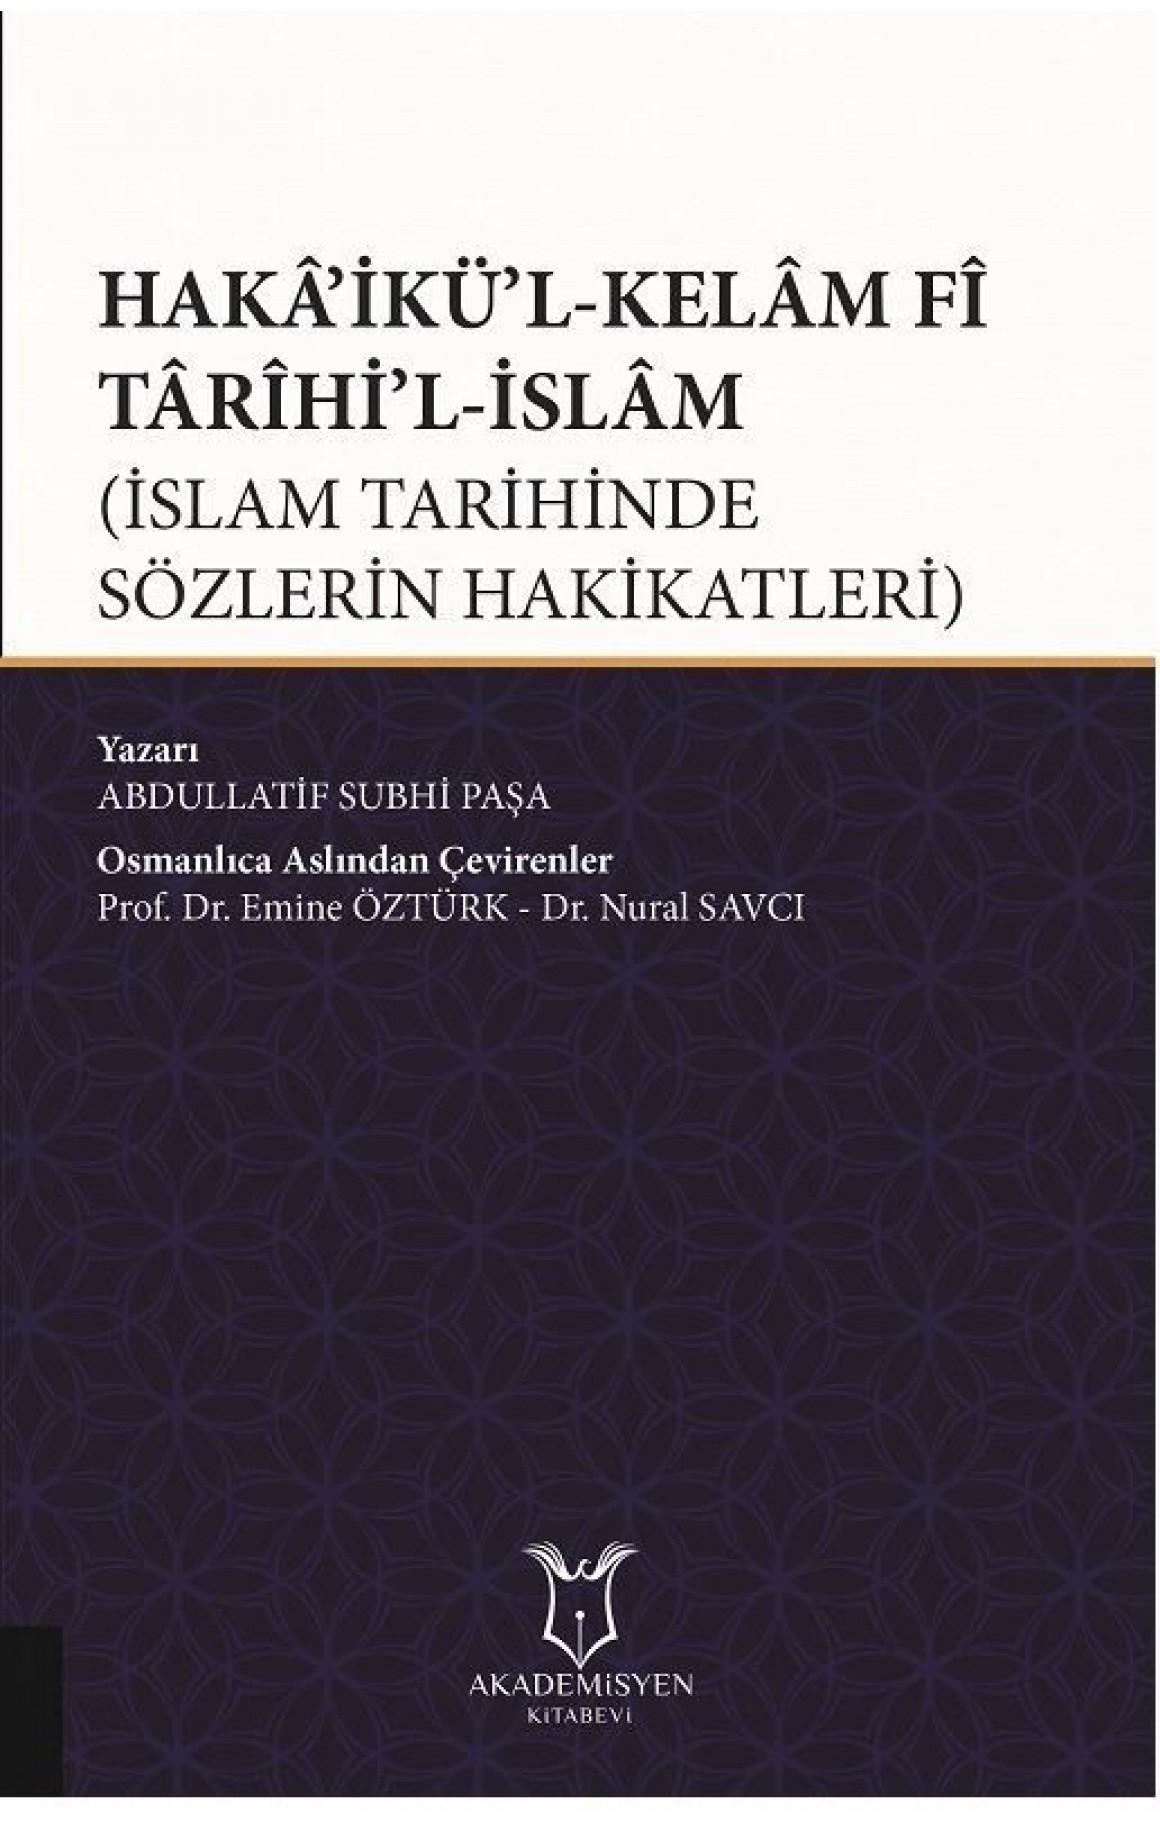 Hakaikül Kelam Fi Tarihil İslam